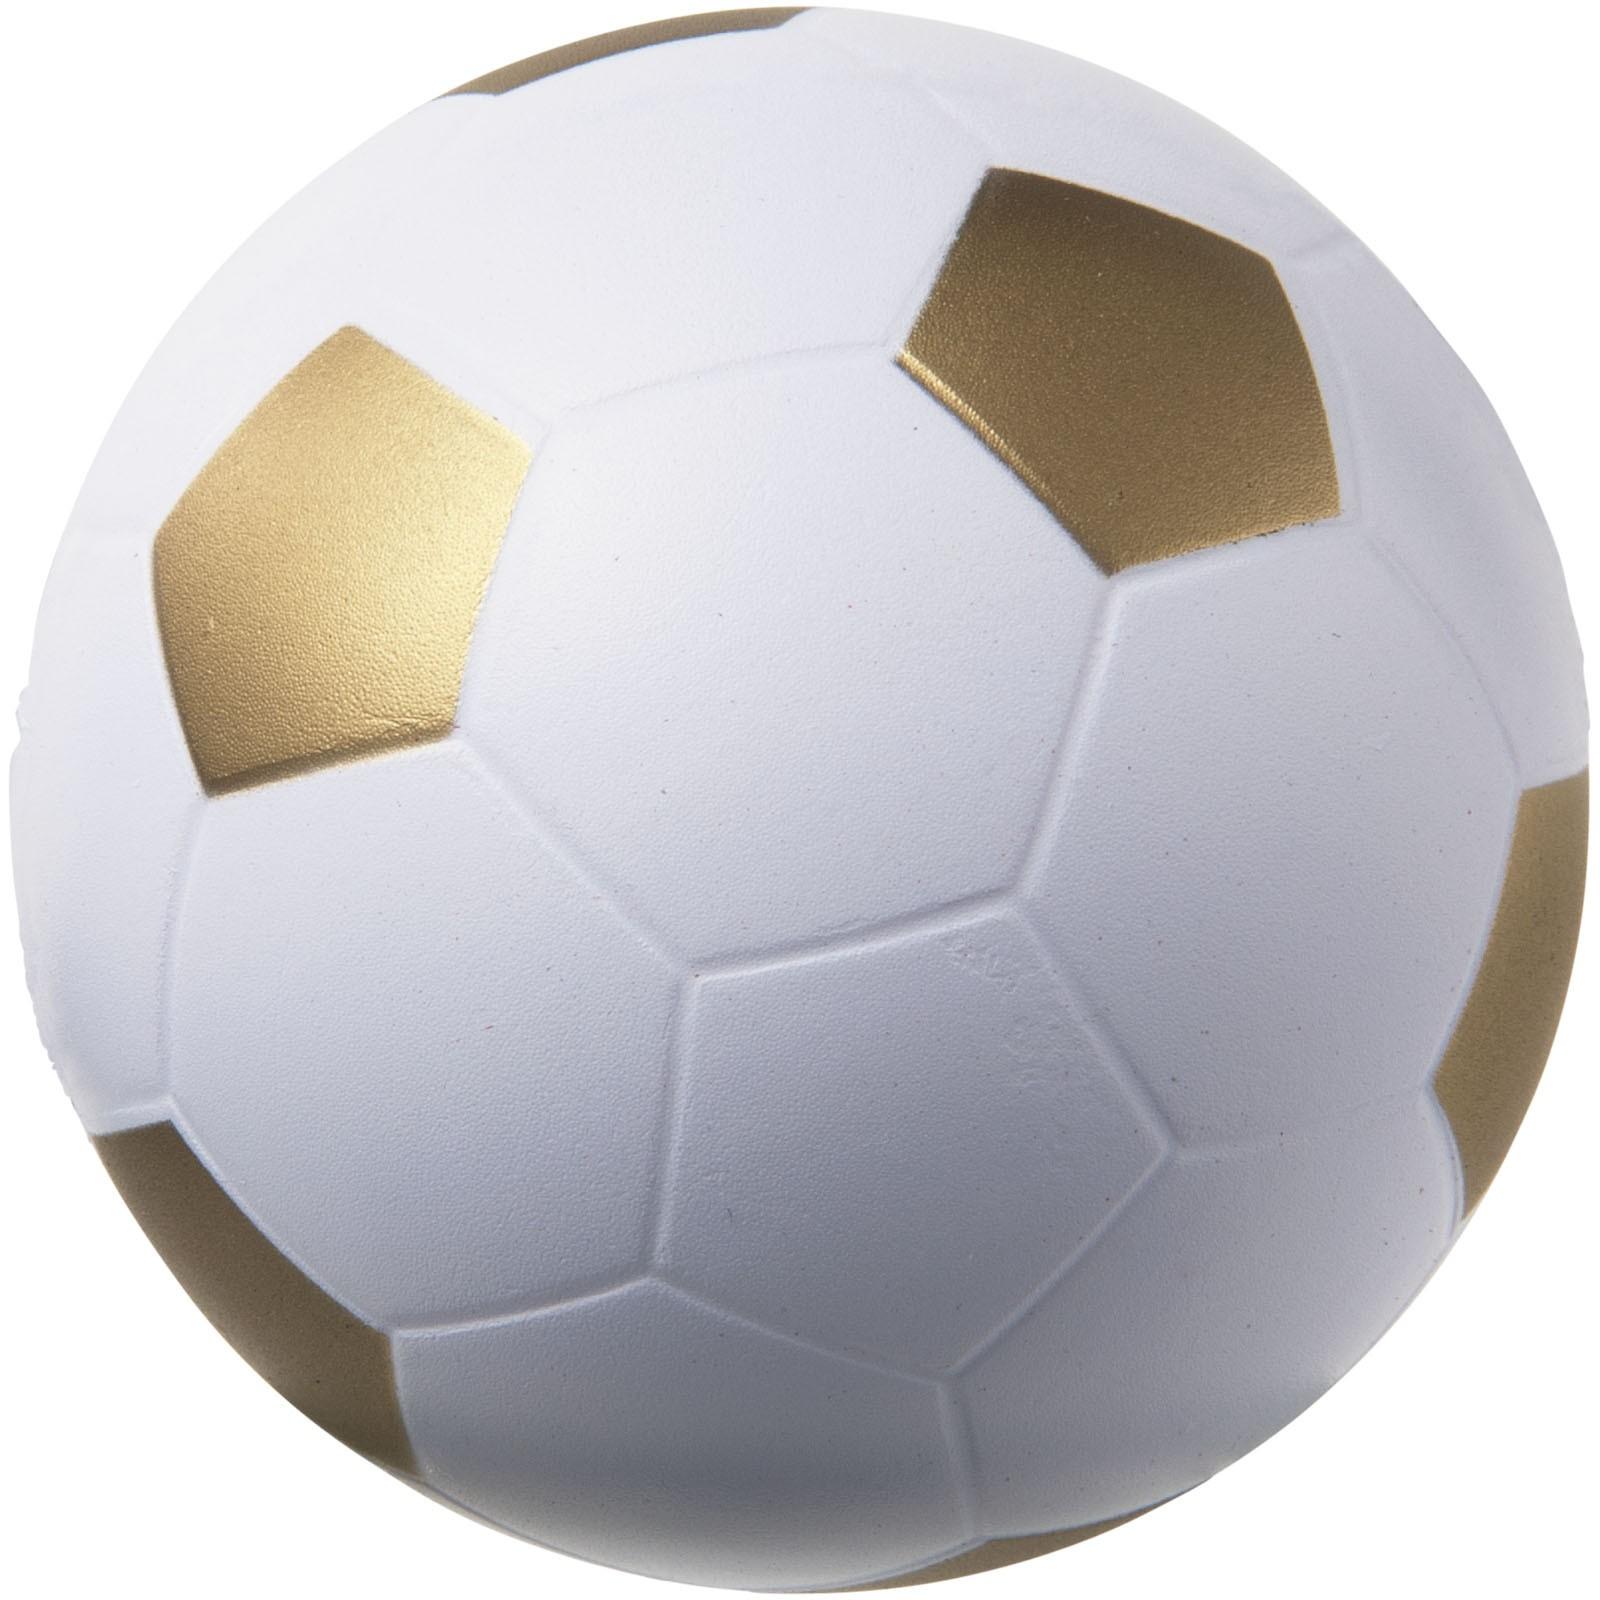 Antistresový míč Football - Zlatá / Bílá